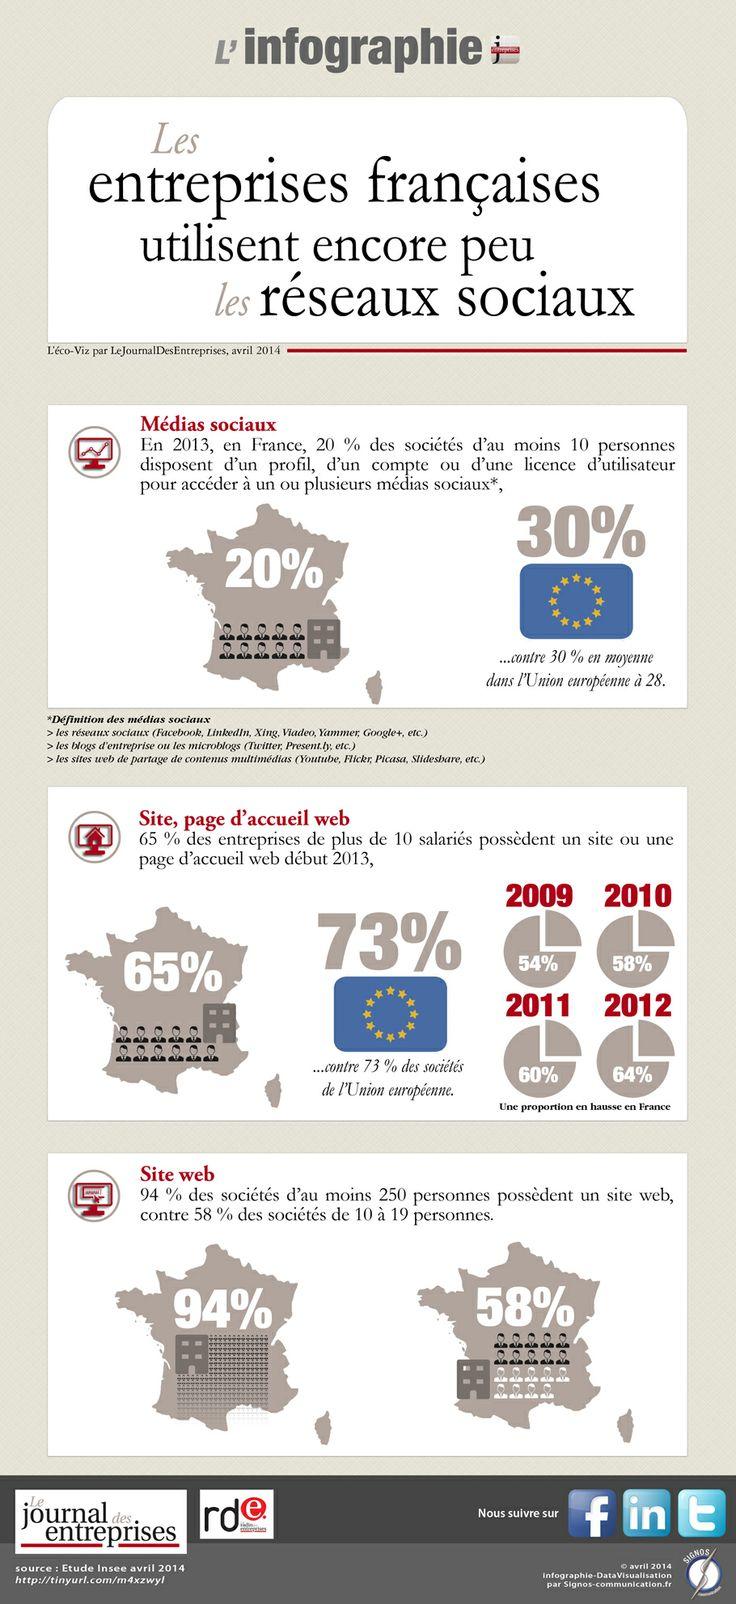 """Infographie pour """"le Journal des Entreprises"""" - avril 2014.  http://www.lejournaldesentreprises.com/national/l-eco-en-chiffres-les-entreprises-francaises-utilisent-encore-peu-les-reseaux-sociaux-29-04-2014-222481.php  © signos communication"""